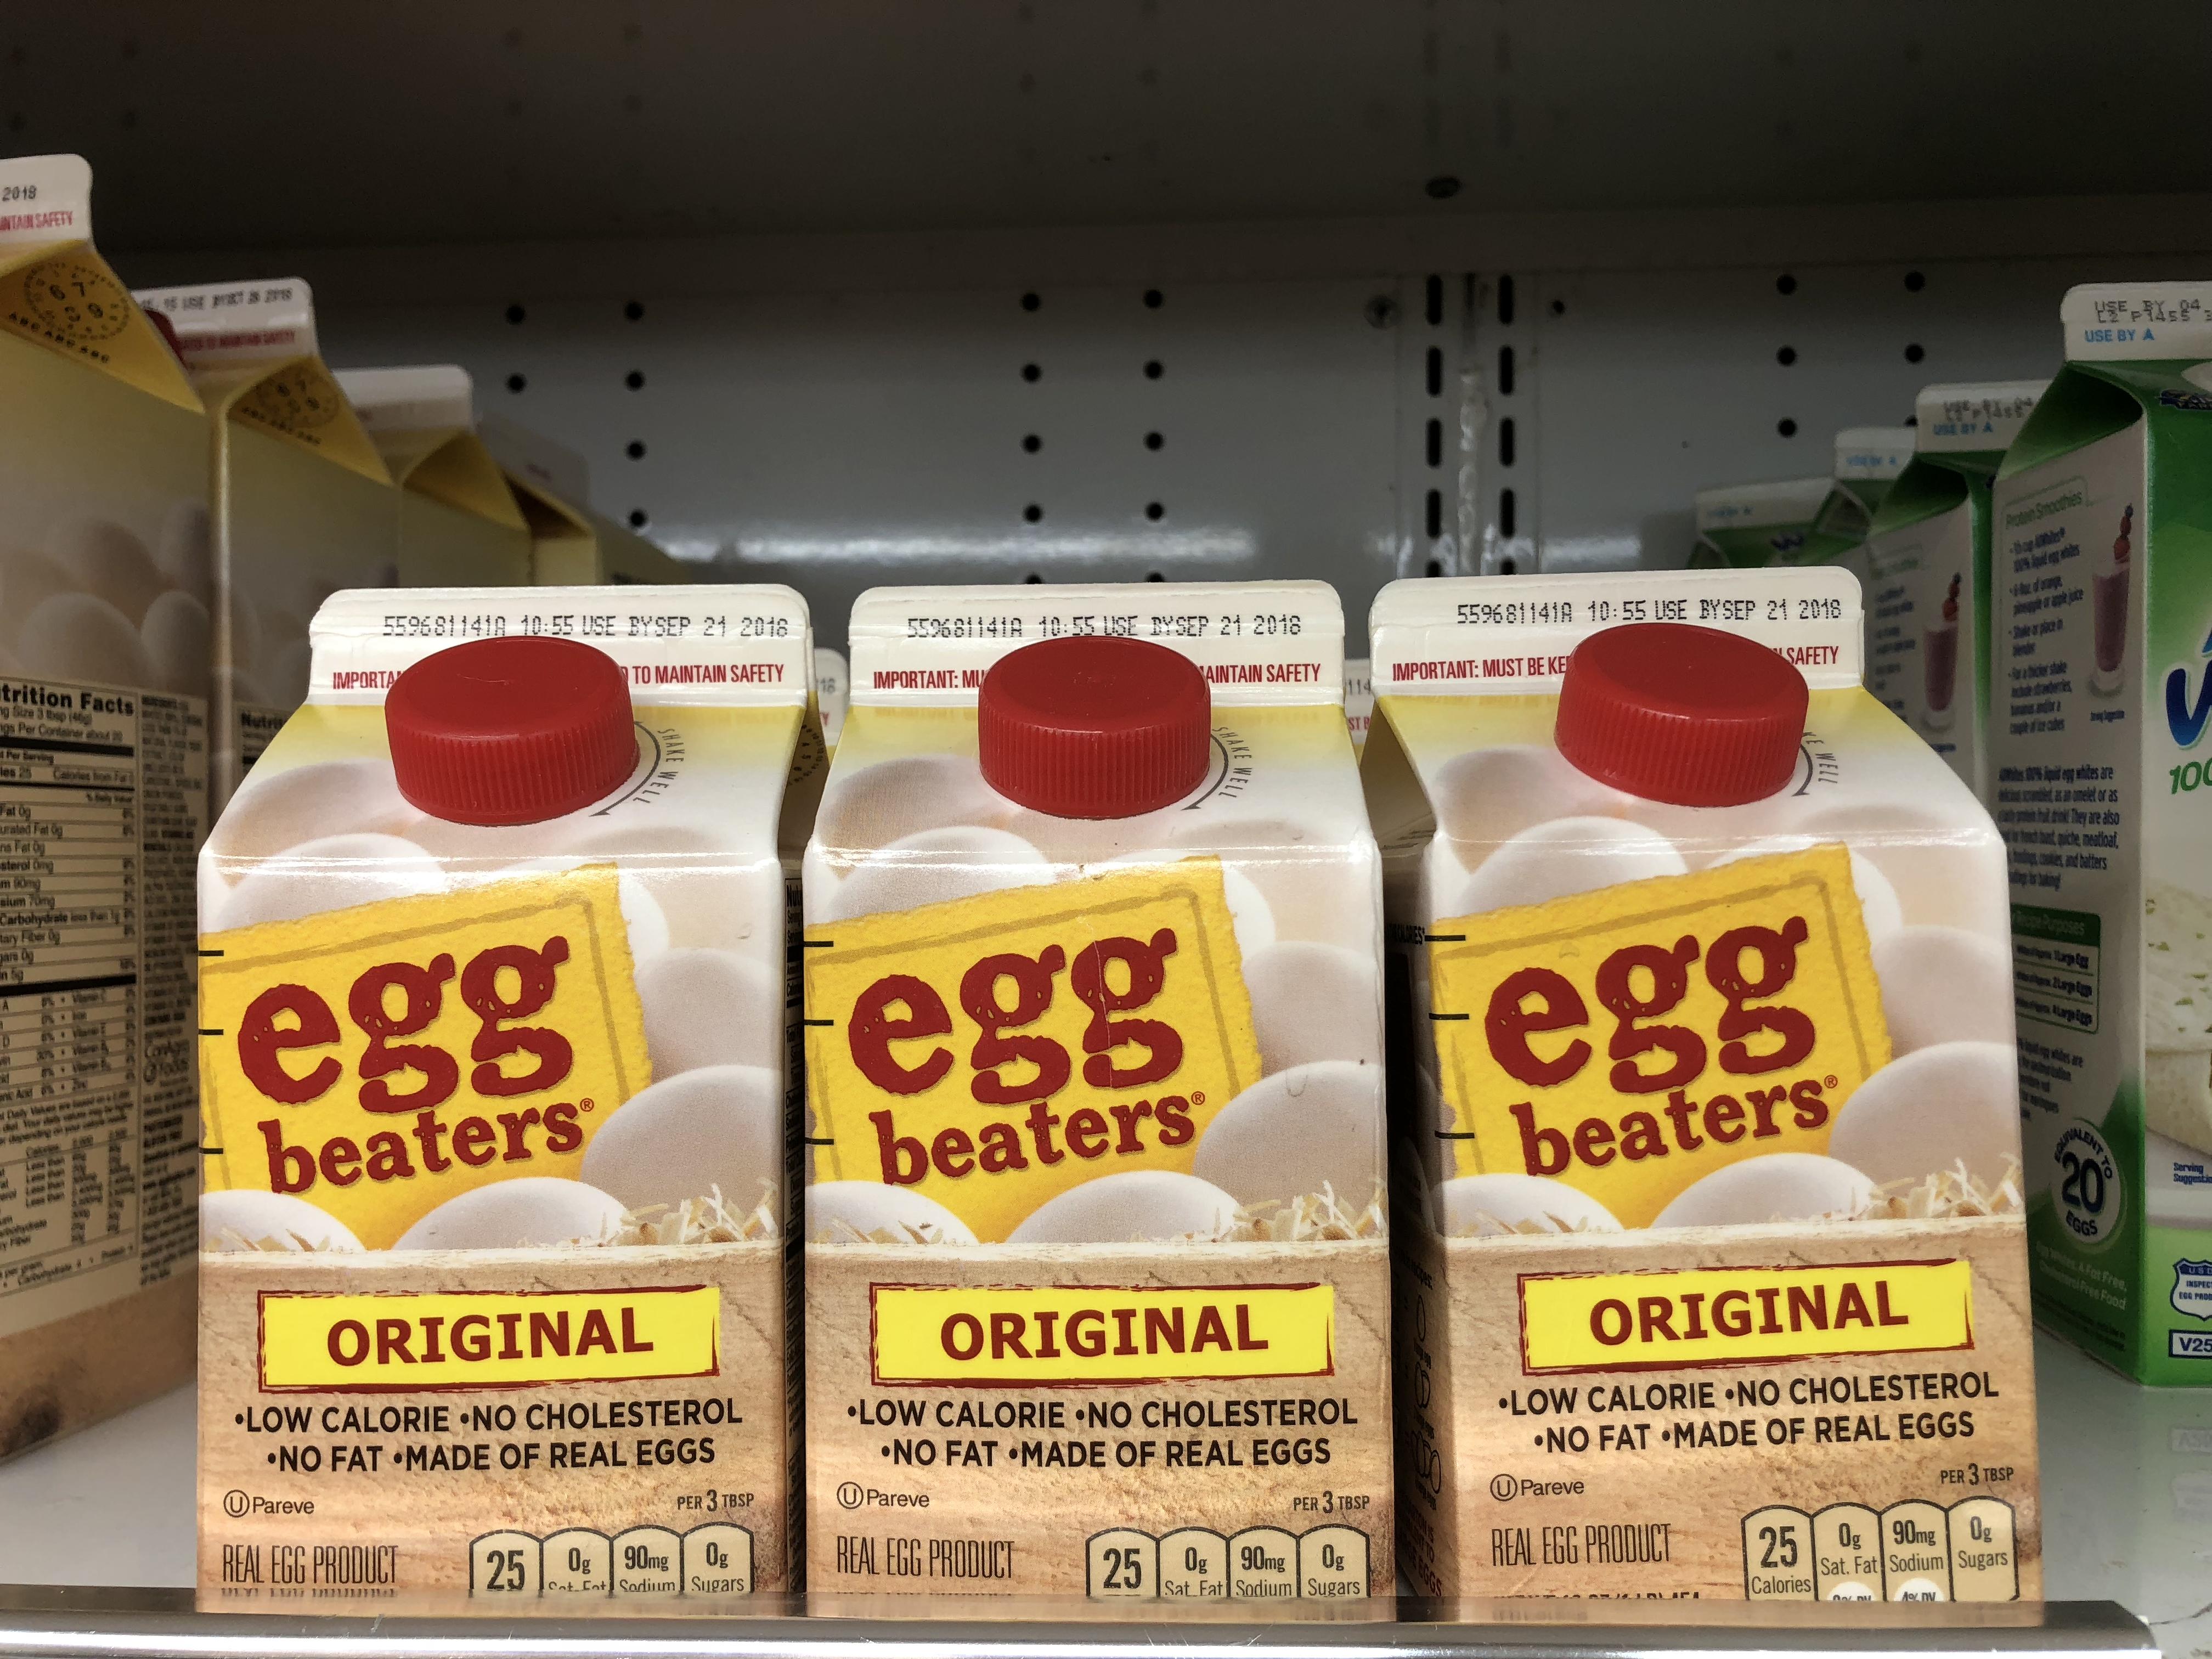 Очищенные яйца и чай без кофеина: что продается в супермаркетах в США Очищенные яйца и чай без кофеина: что продается в супермаркетах в США 2018 06 24 17